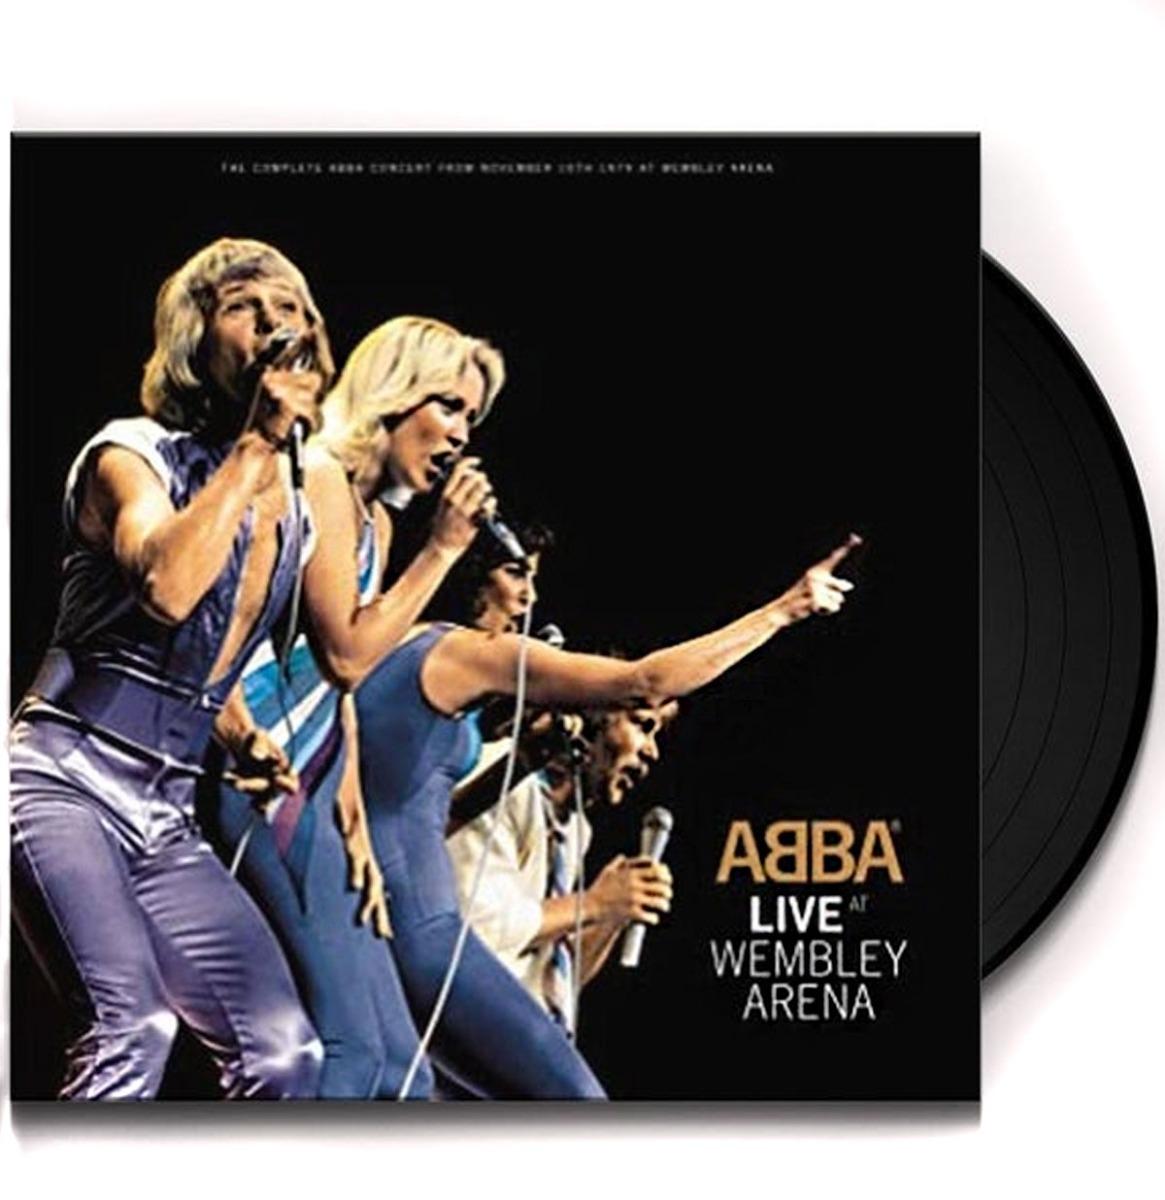 ABBA - Live At Wembley 3LP